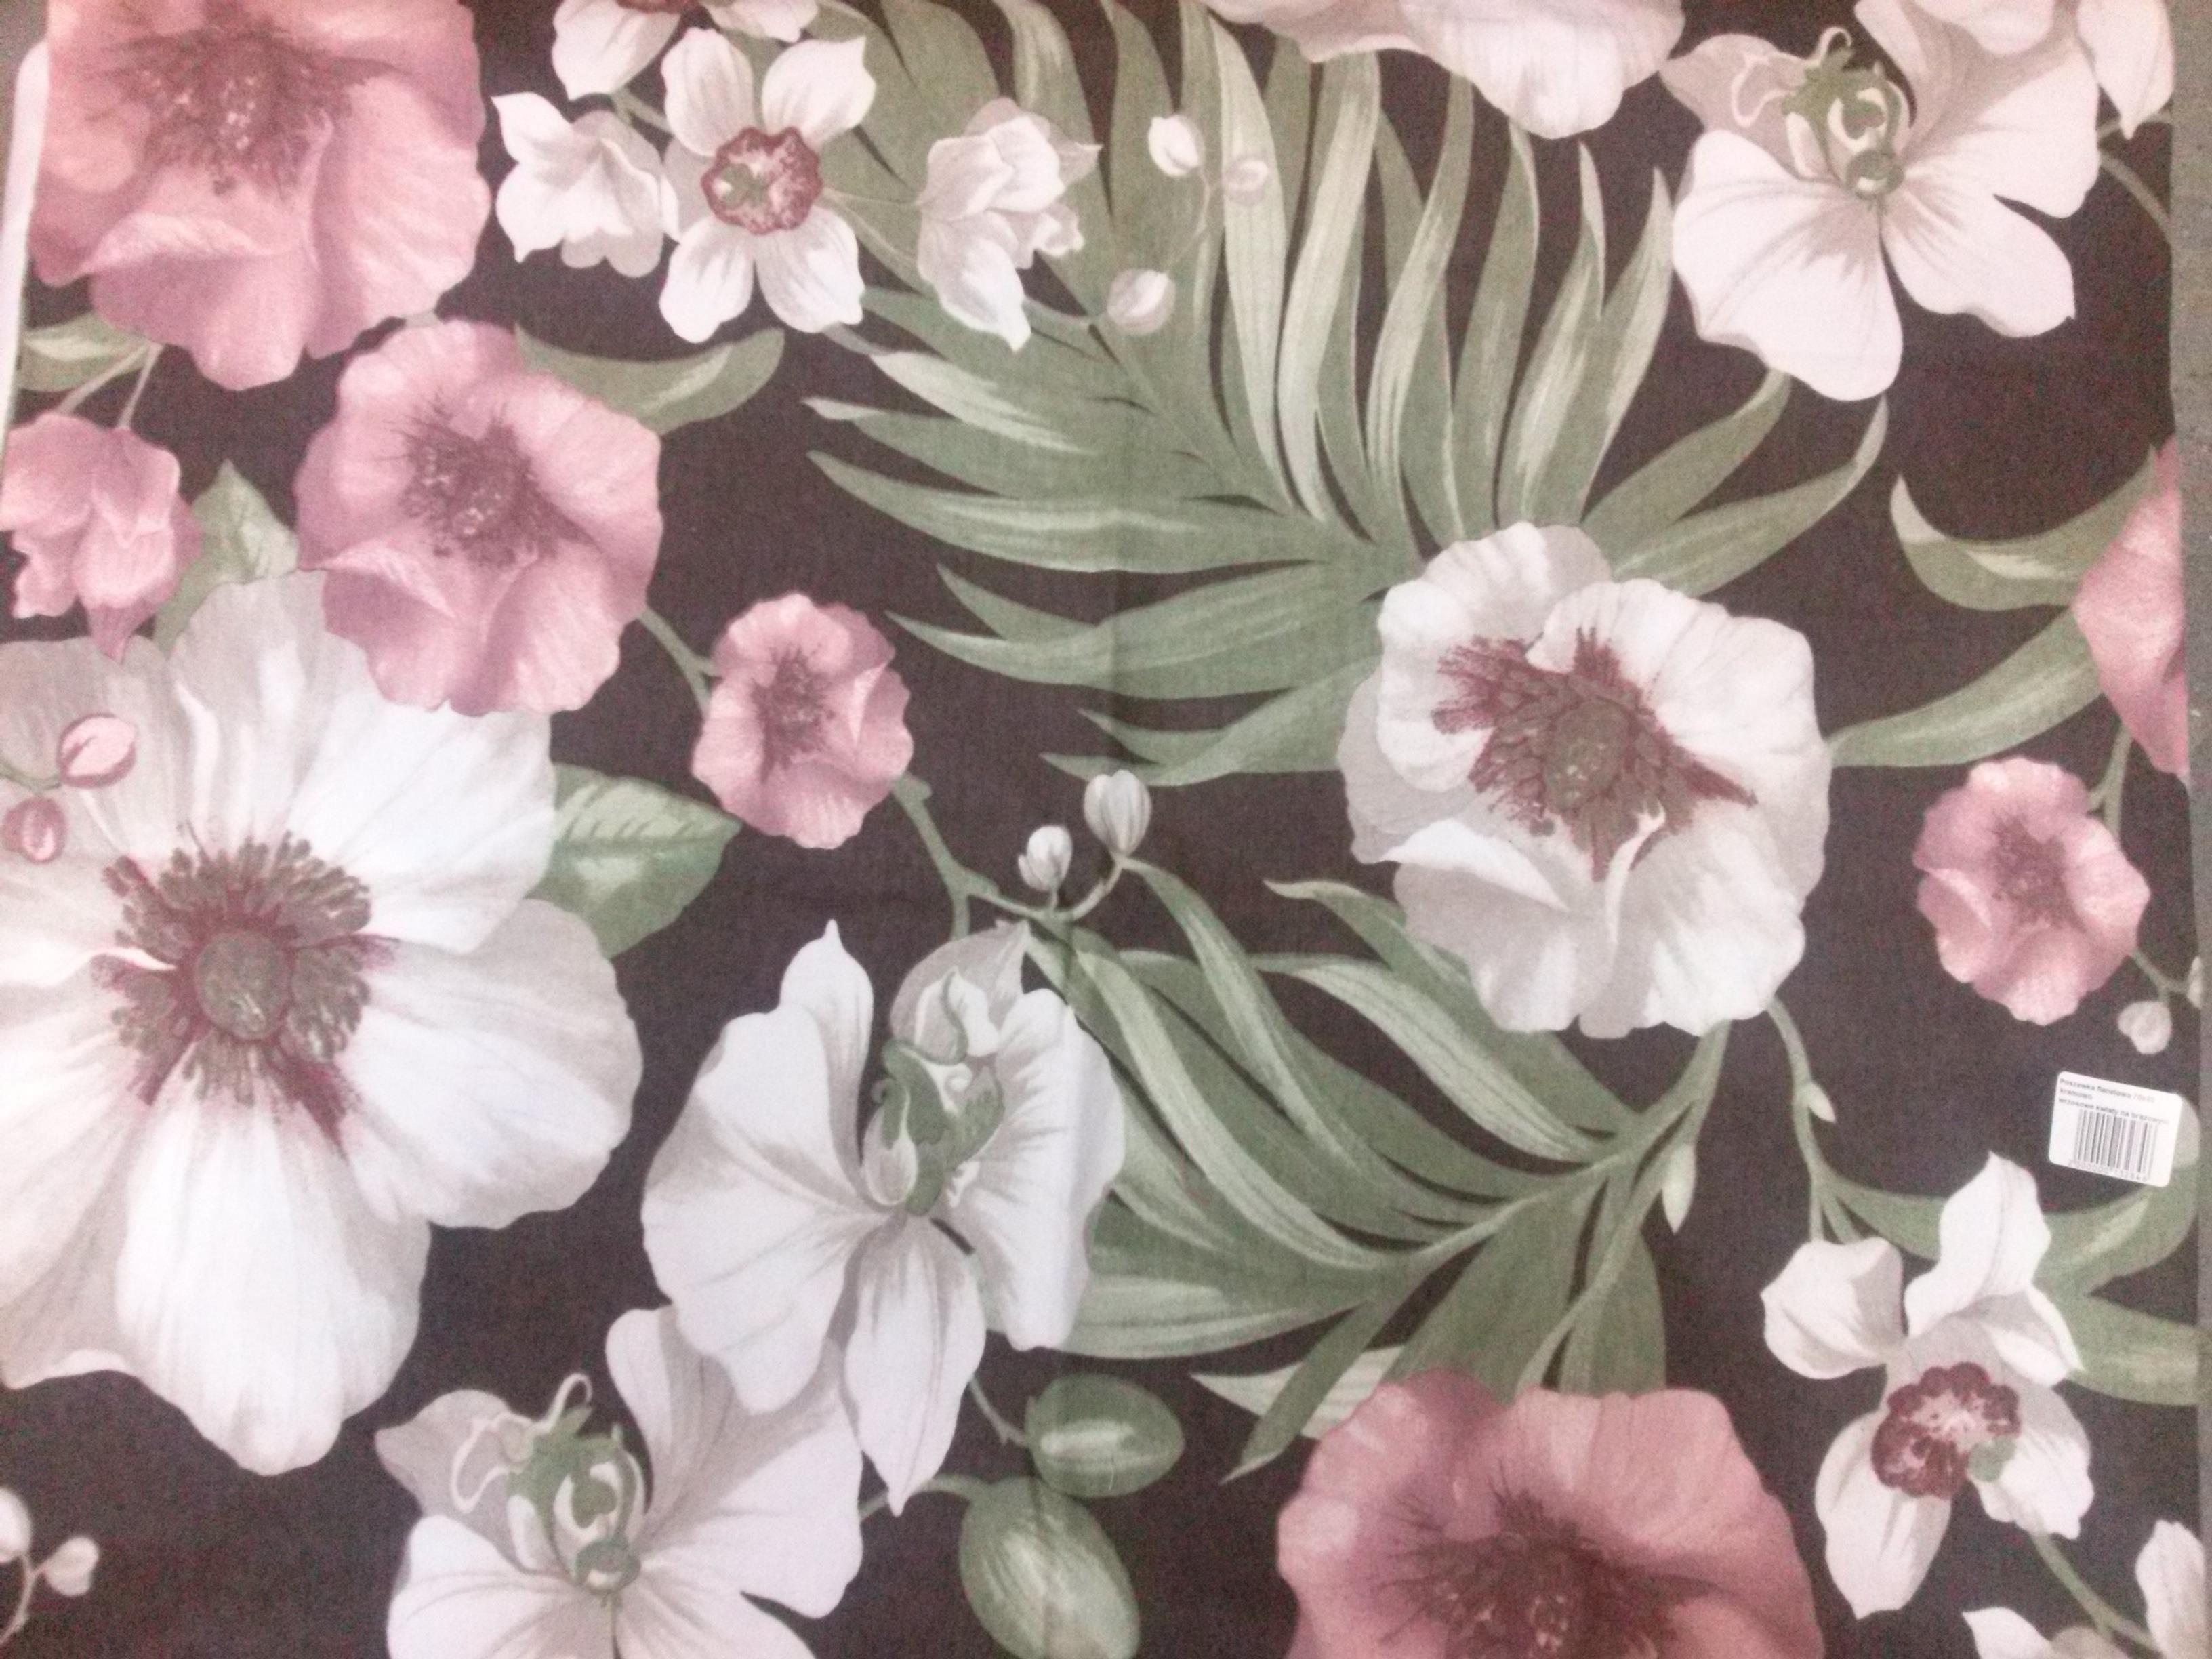 Poszewka Flanelowa 70x80 Kremowo Wrzosowe Kwiaty Na Brązowym Tle